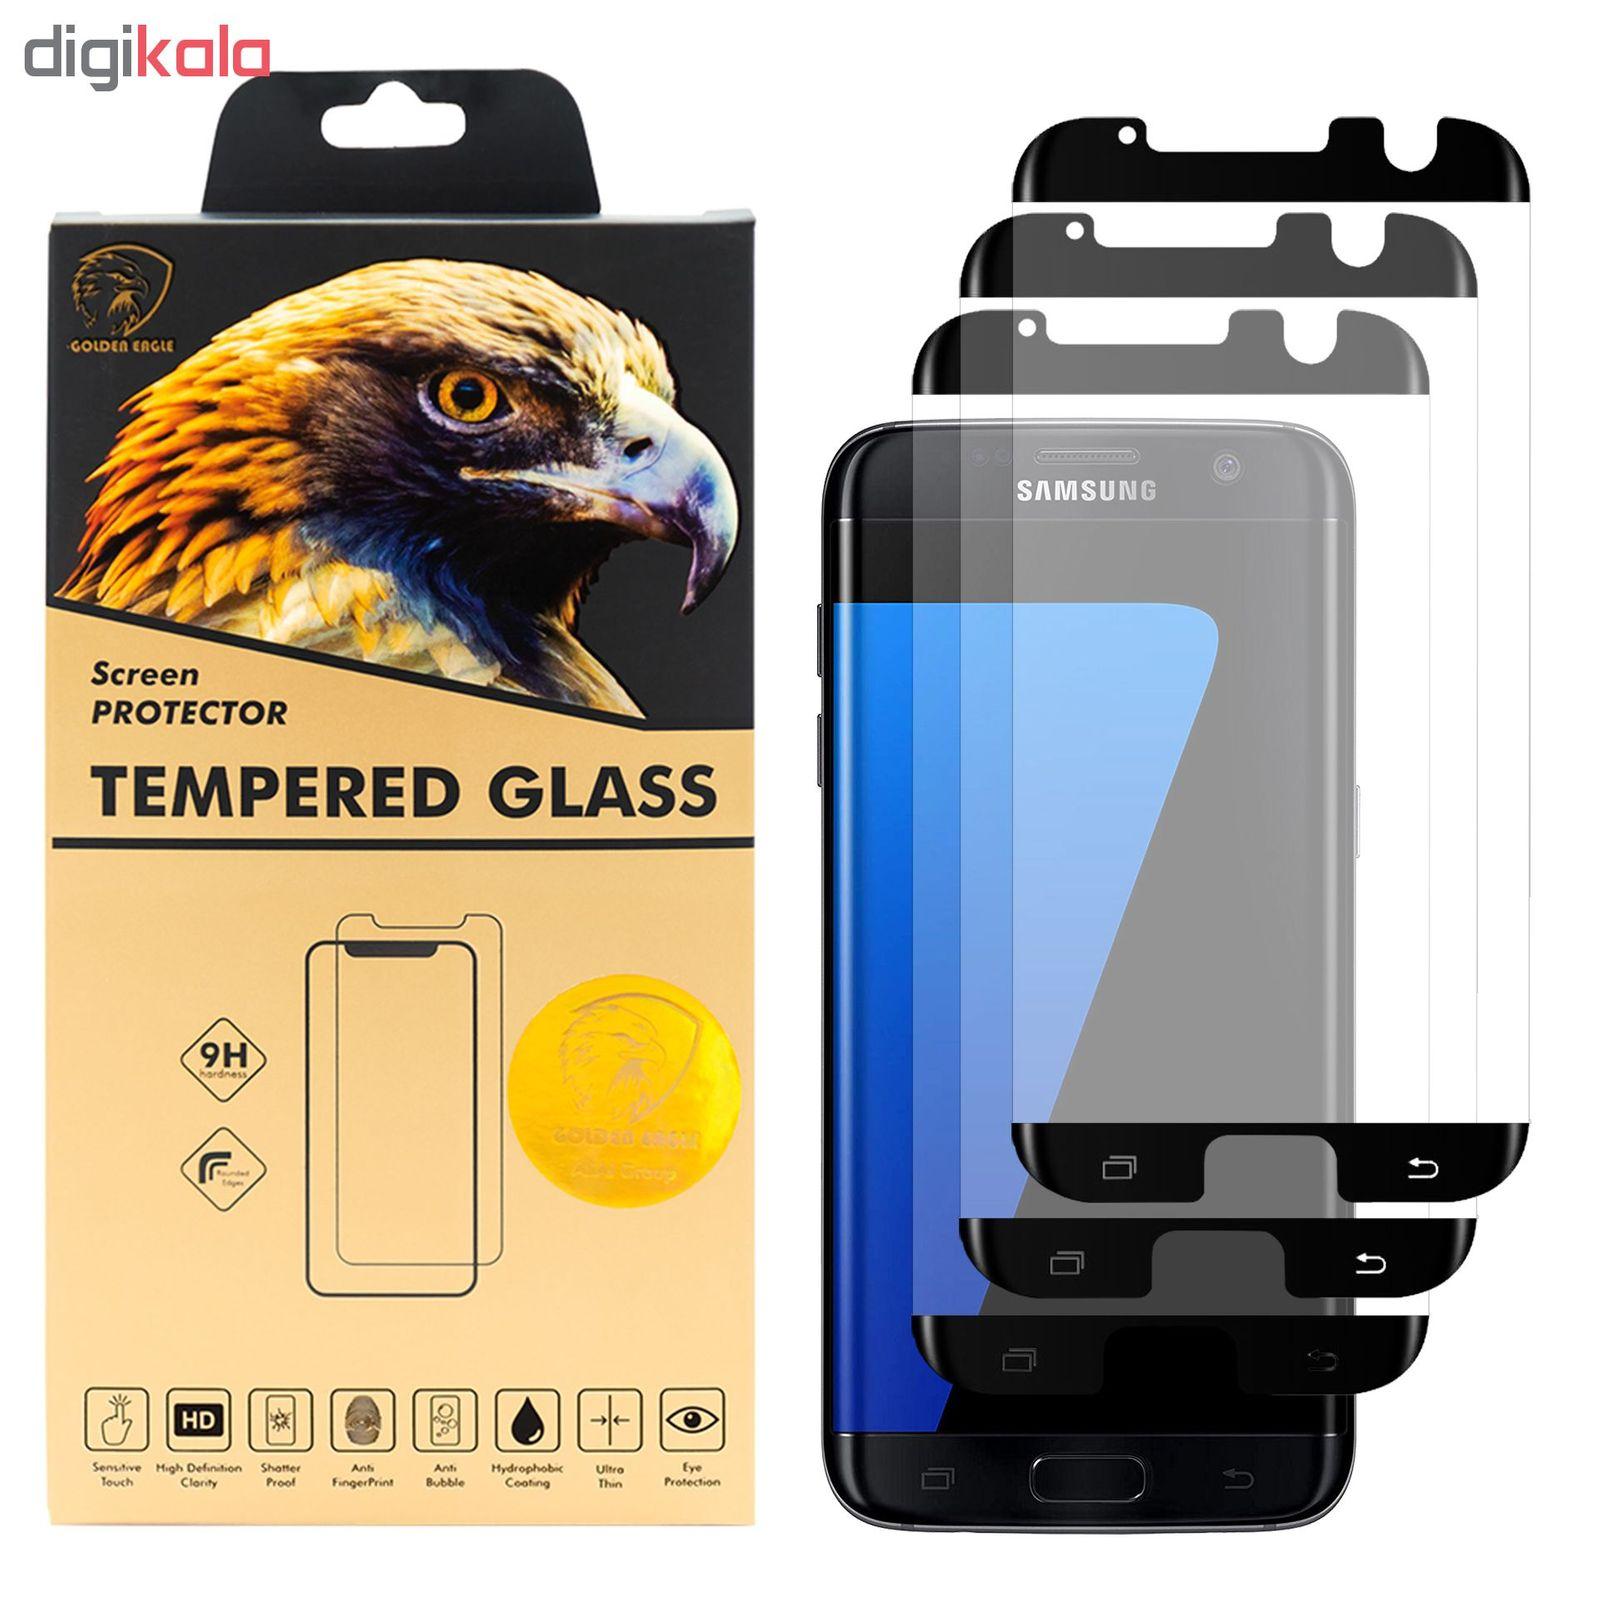 محافظ صفحه نمایش گلدن ایگل مدل HFC-X3 مناسب برای گوشی موبایل سامسونگ Galaxy S7 EDGE بسته سه عددی main 1 2